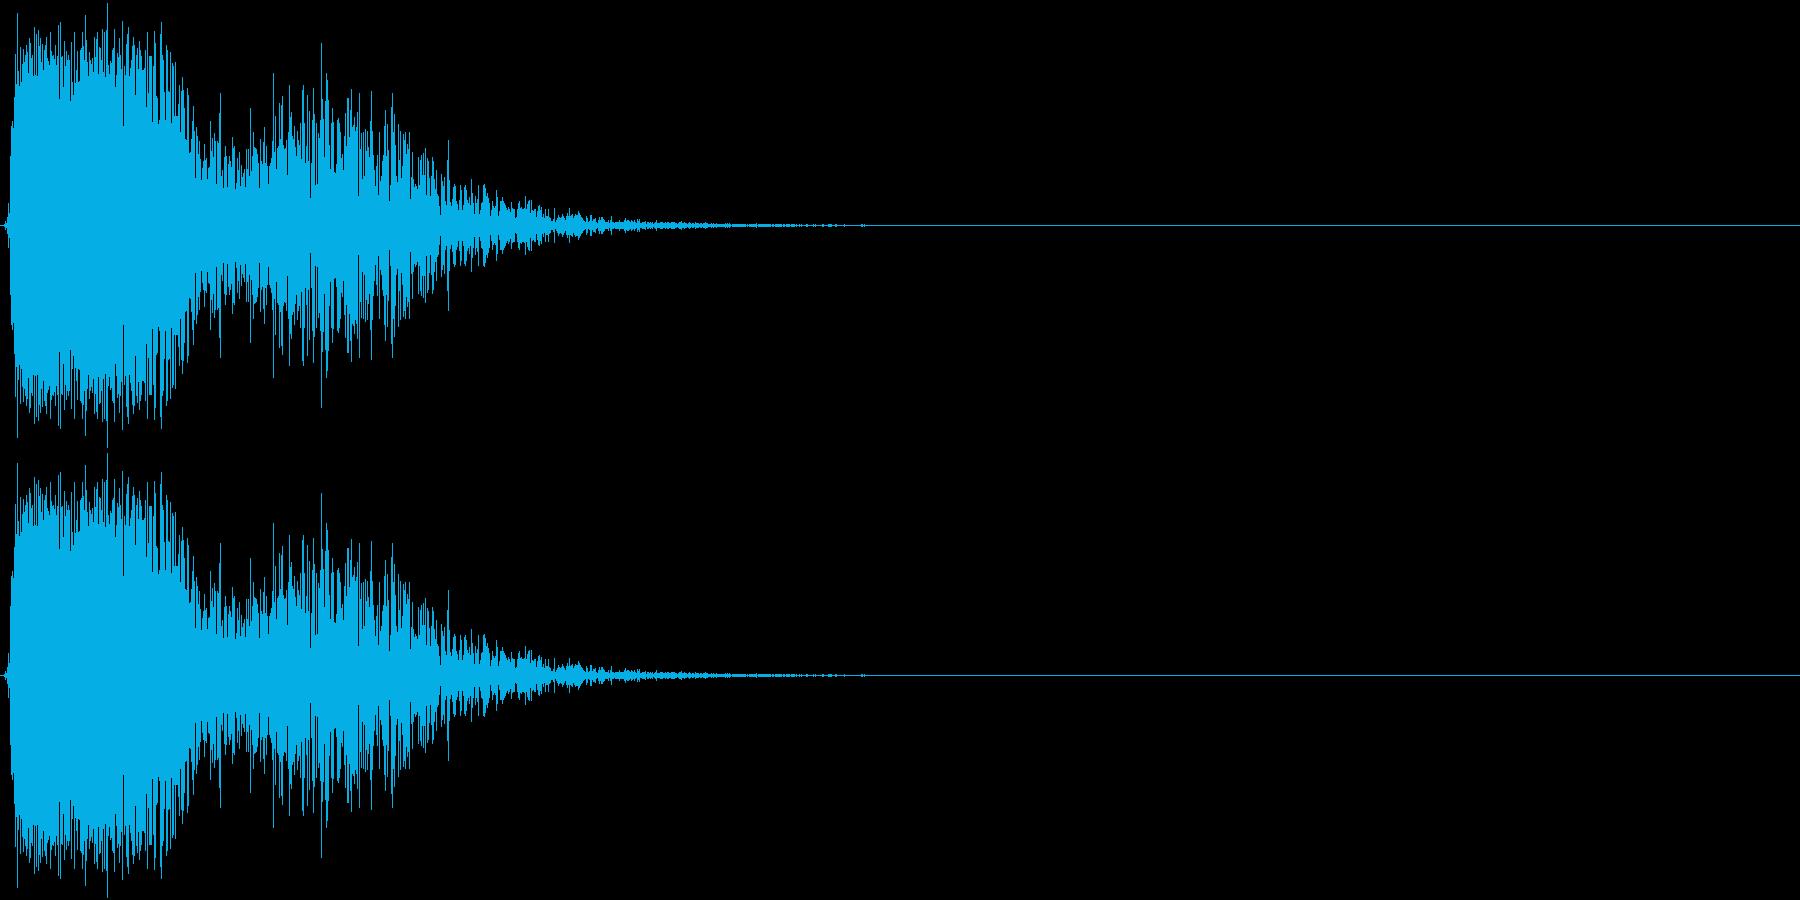 KAKUGE 格闘ゲーム戦闘音 54の再生済みの波形